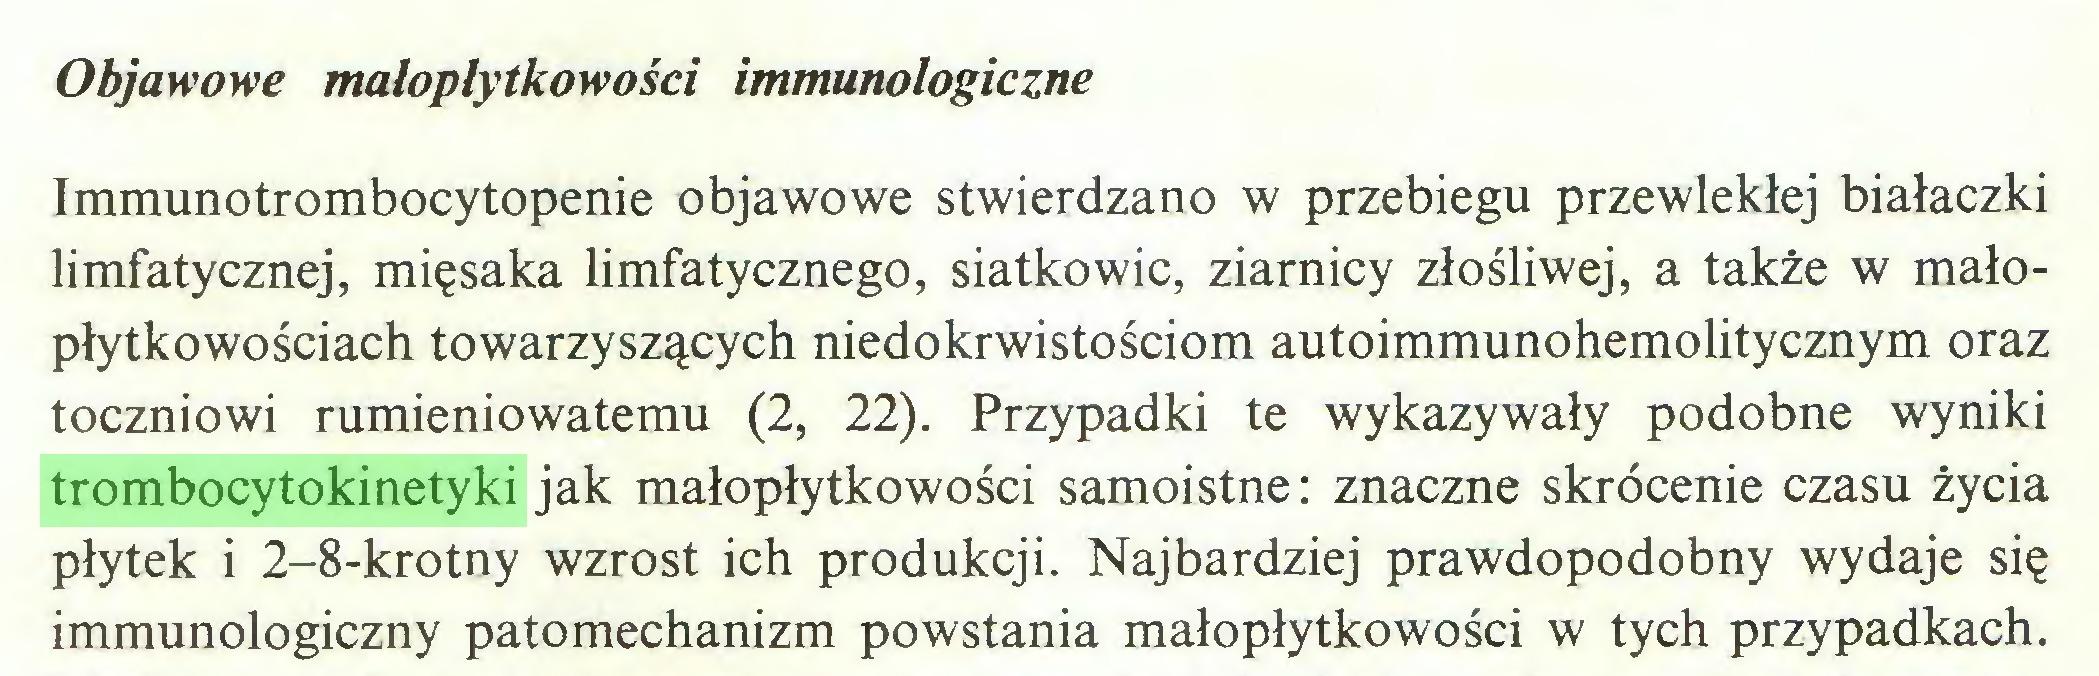 (...) Objawowe małoplytkowości immunologiczne Immunotrombocytopenie objawowe stwierdzano w przebiegu przewlekłej białaczki limfatycznej, mięsaka limfatycznego, siatkowic, ziarnicy złośliwej, a także w małopłytkowościach towarzyszących niedokrwistościom autoimmunohemolitycznym oraz toczniowi rumieniowatemu (2, 22). Przypadki te wykazywały podobne wyniki trombocytokinetyki jak małopłytkowości samoistne: znaczne skrócenie czasu życia płytek i 2-8-krotny wzrost ich produkcji. Najbardziej prawdopodobny wydaje się immunologiczny patomechanizm powstania małopłytkowości w tych przypadkach...